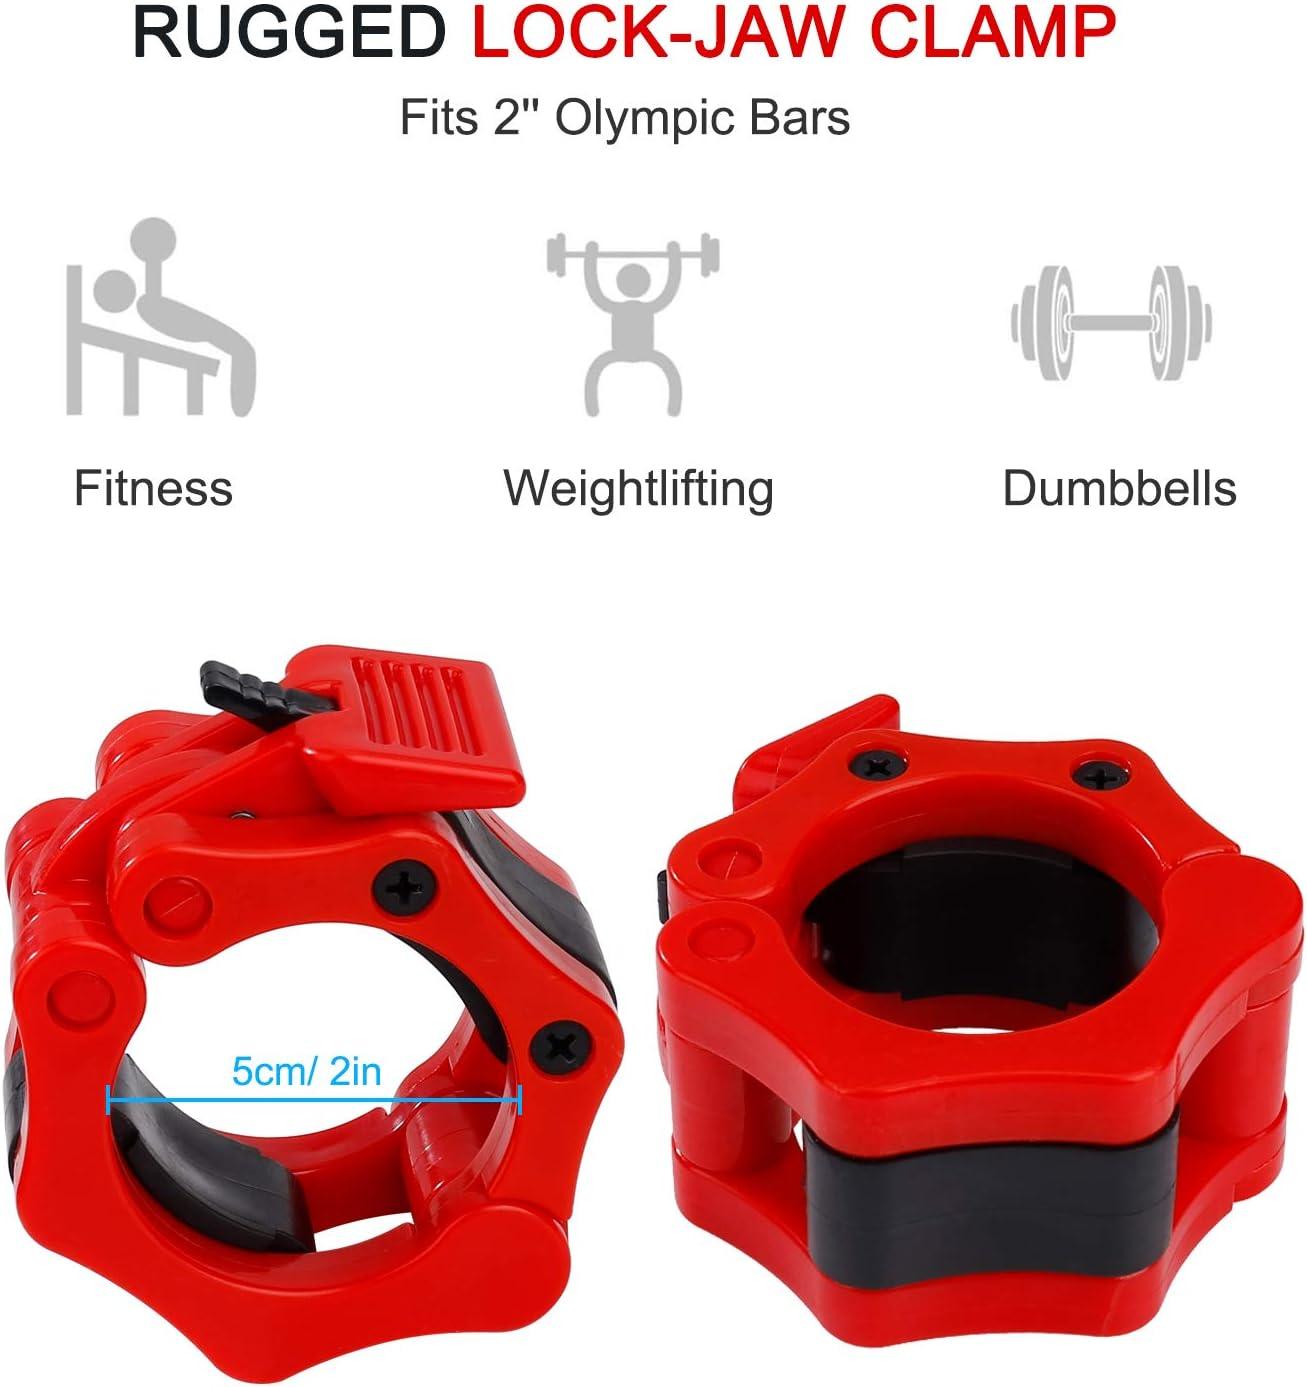 QIMEI-SHOP 50 mm Abrazaderas para Levantamiento de Pesas Olimpica 2 Bloqueadores para Barras de Pesas de Liberaci/óN R/áPida para Mancuernas Entrenamiento F/ísico